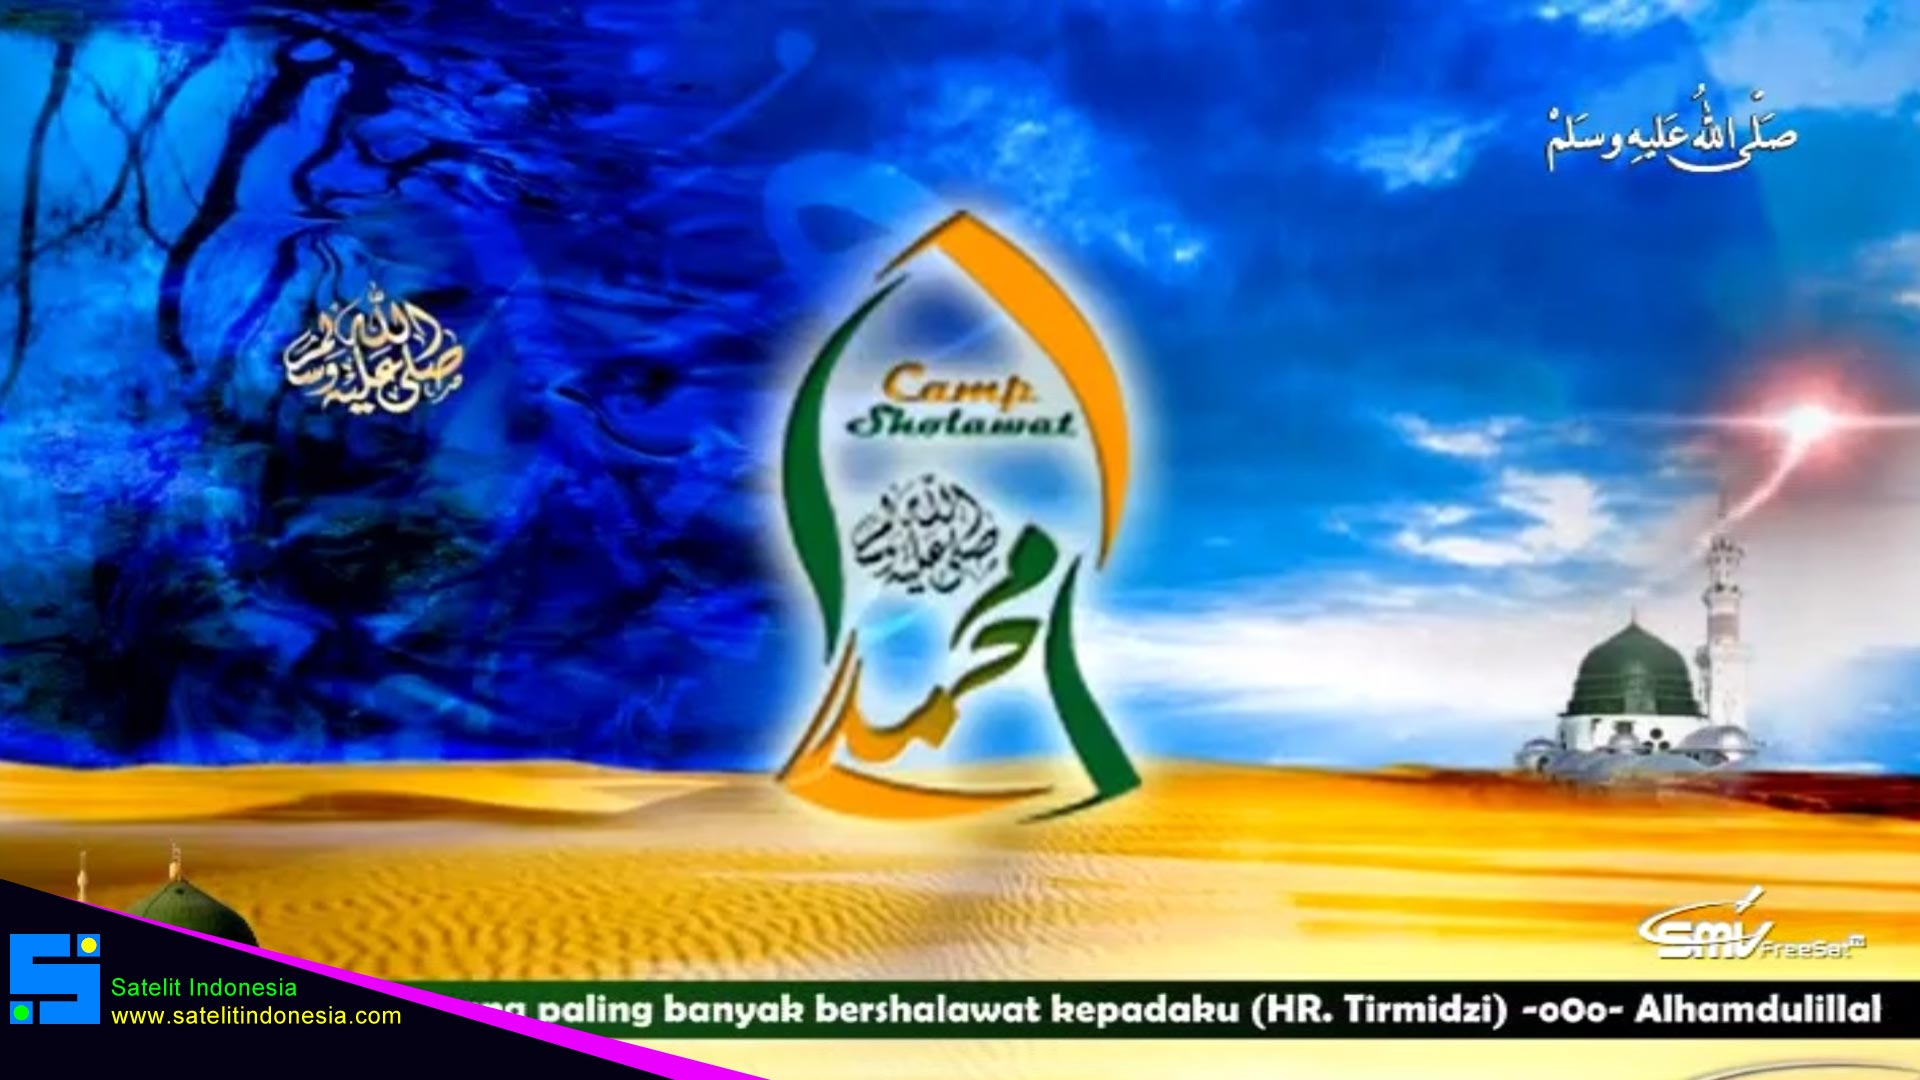 Frekuensi siaran Sholawat TV di satelit ABS 2A Terbaru